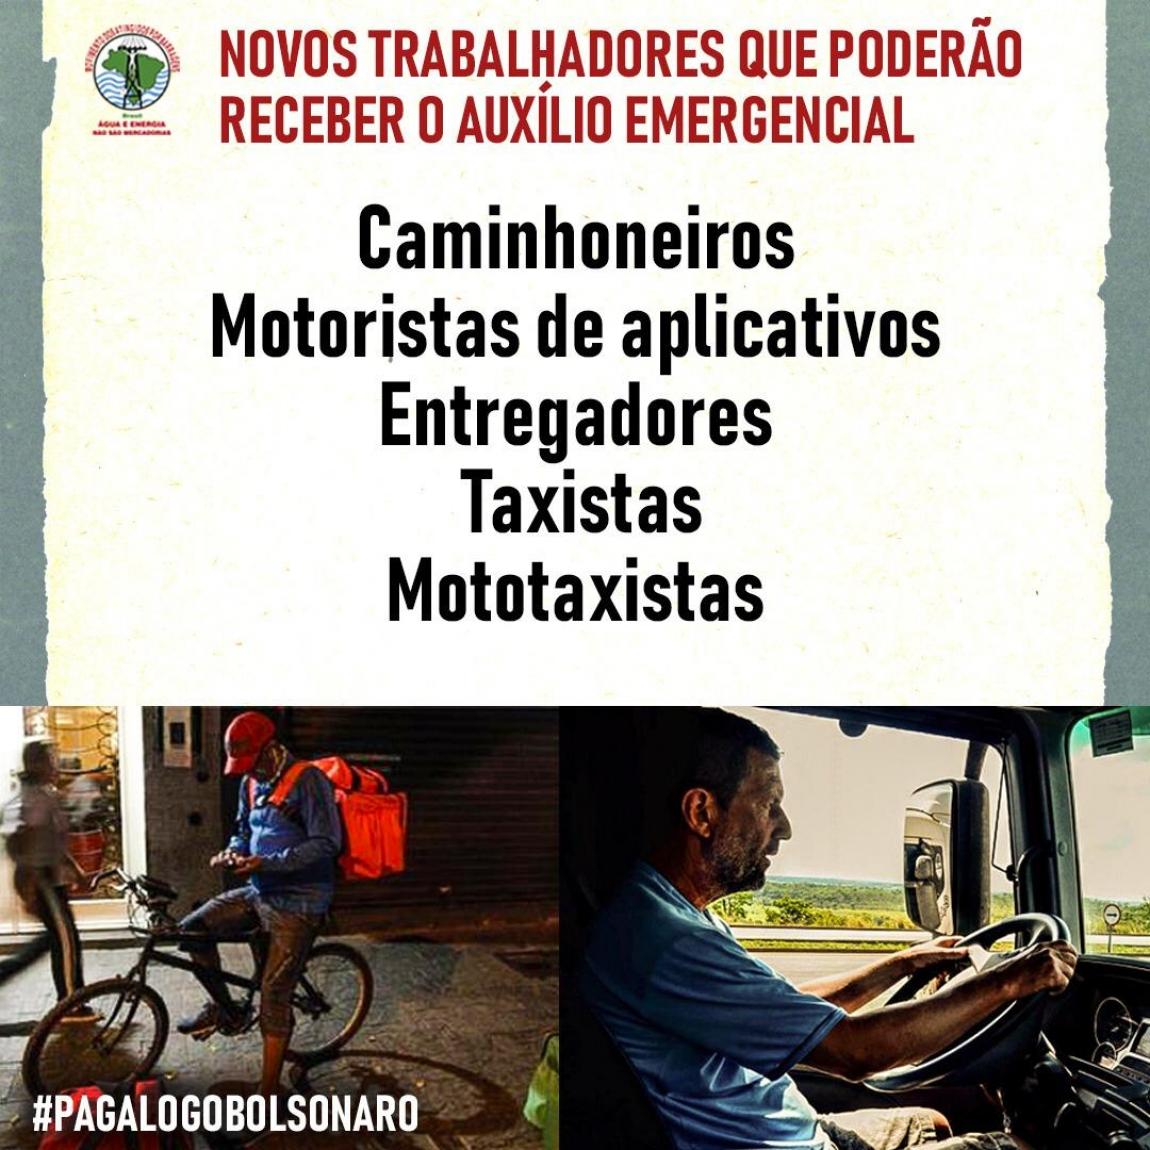 Imagem de Auxílio emergencial: Caminhoneiros, motoristas de aplicativos, taxistas e mototaxistas serão beneficiados